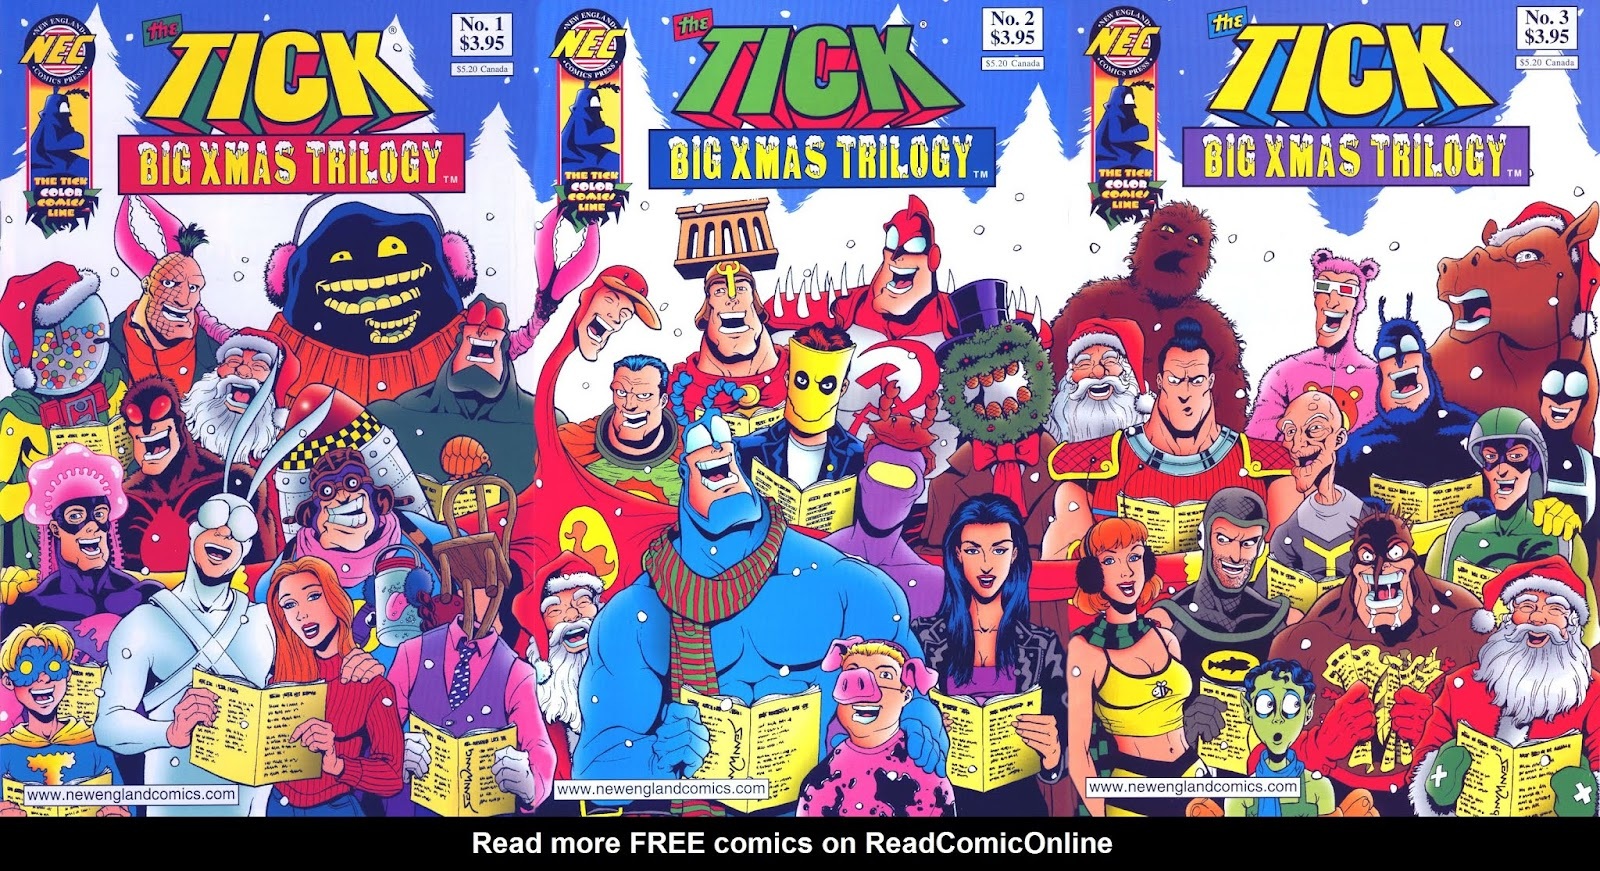 The Ticks Big Xmas Trilogy 3 Page 1